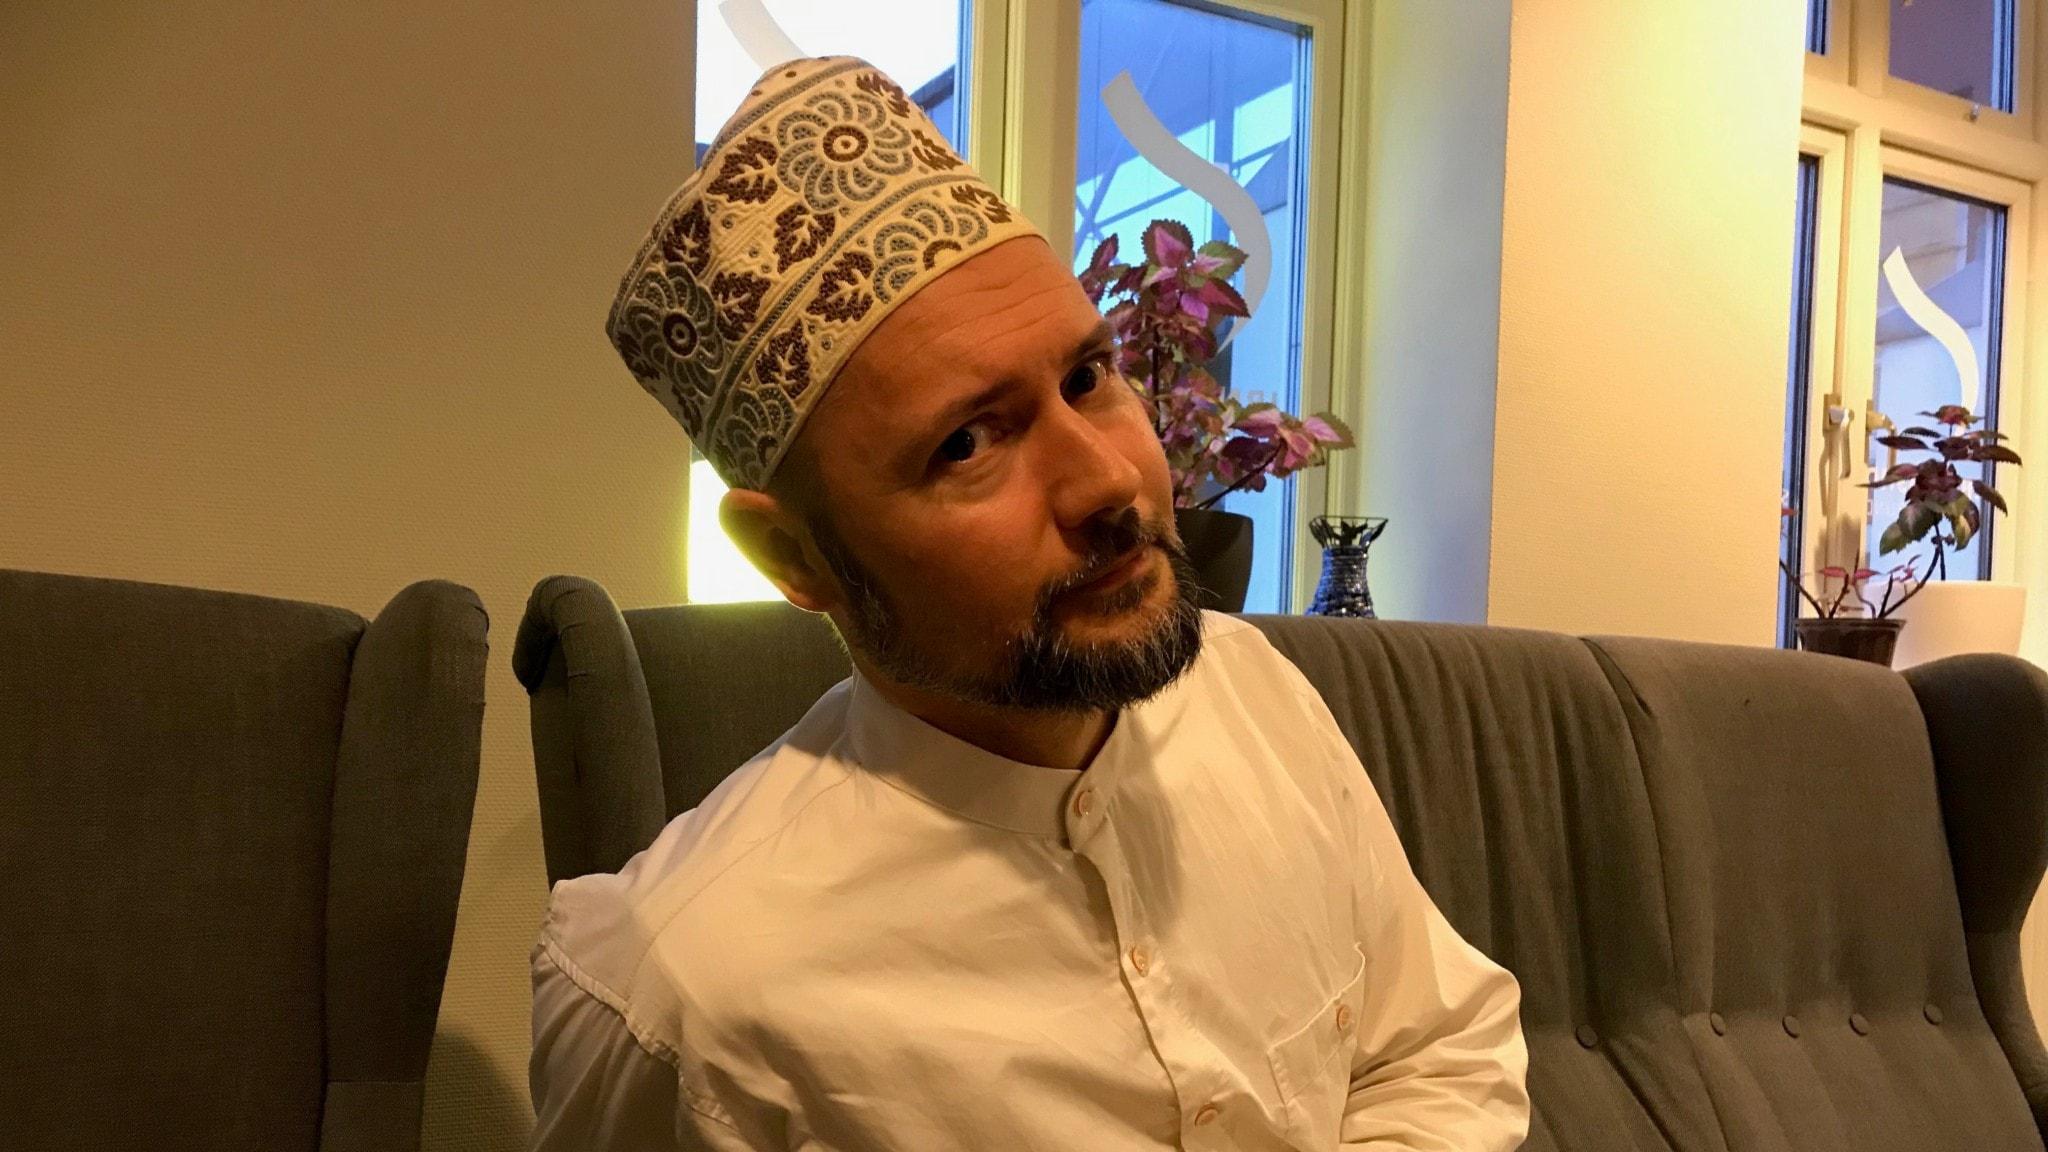 Kär i islam - berättelser om att konvertera och bli muslim